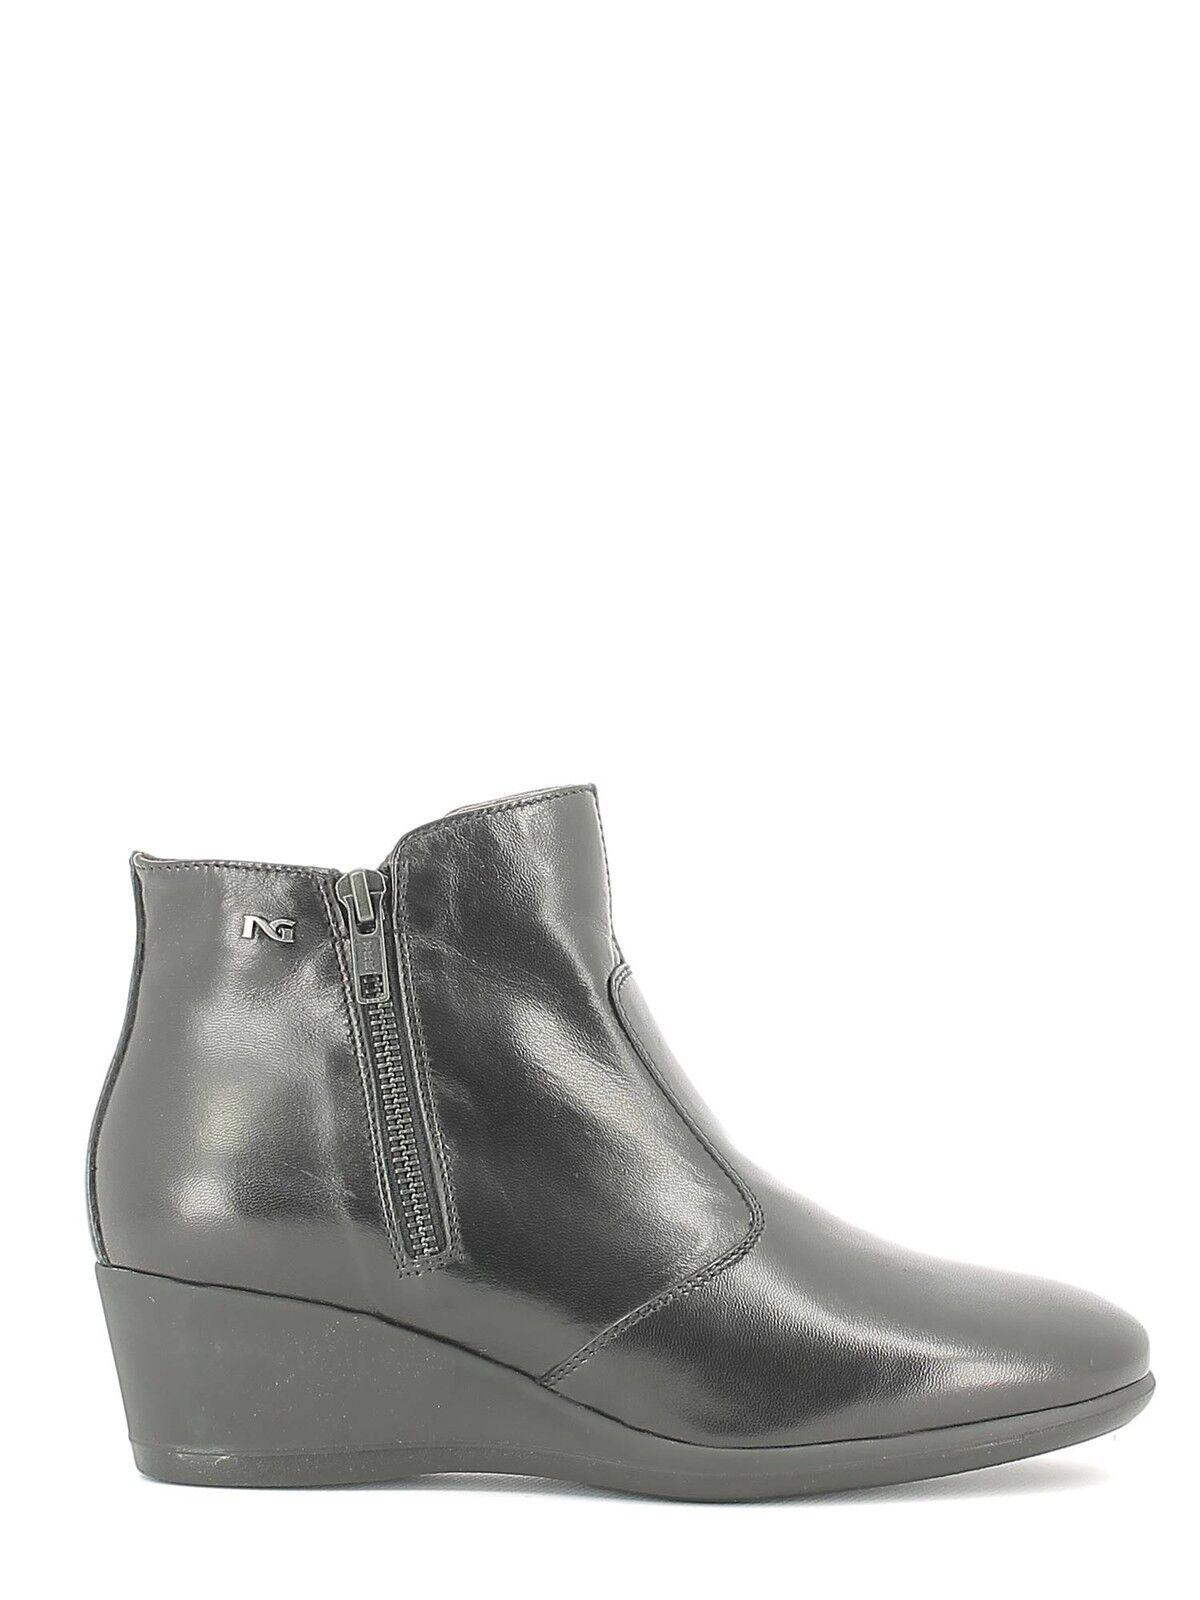 Zapatos promocionales para hombres y mujeres Stivaletto donna NeroGiardini nuova collezione 2016-2017 A616872D linea confort